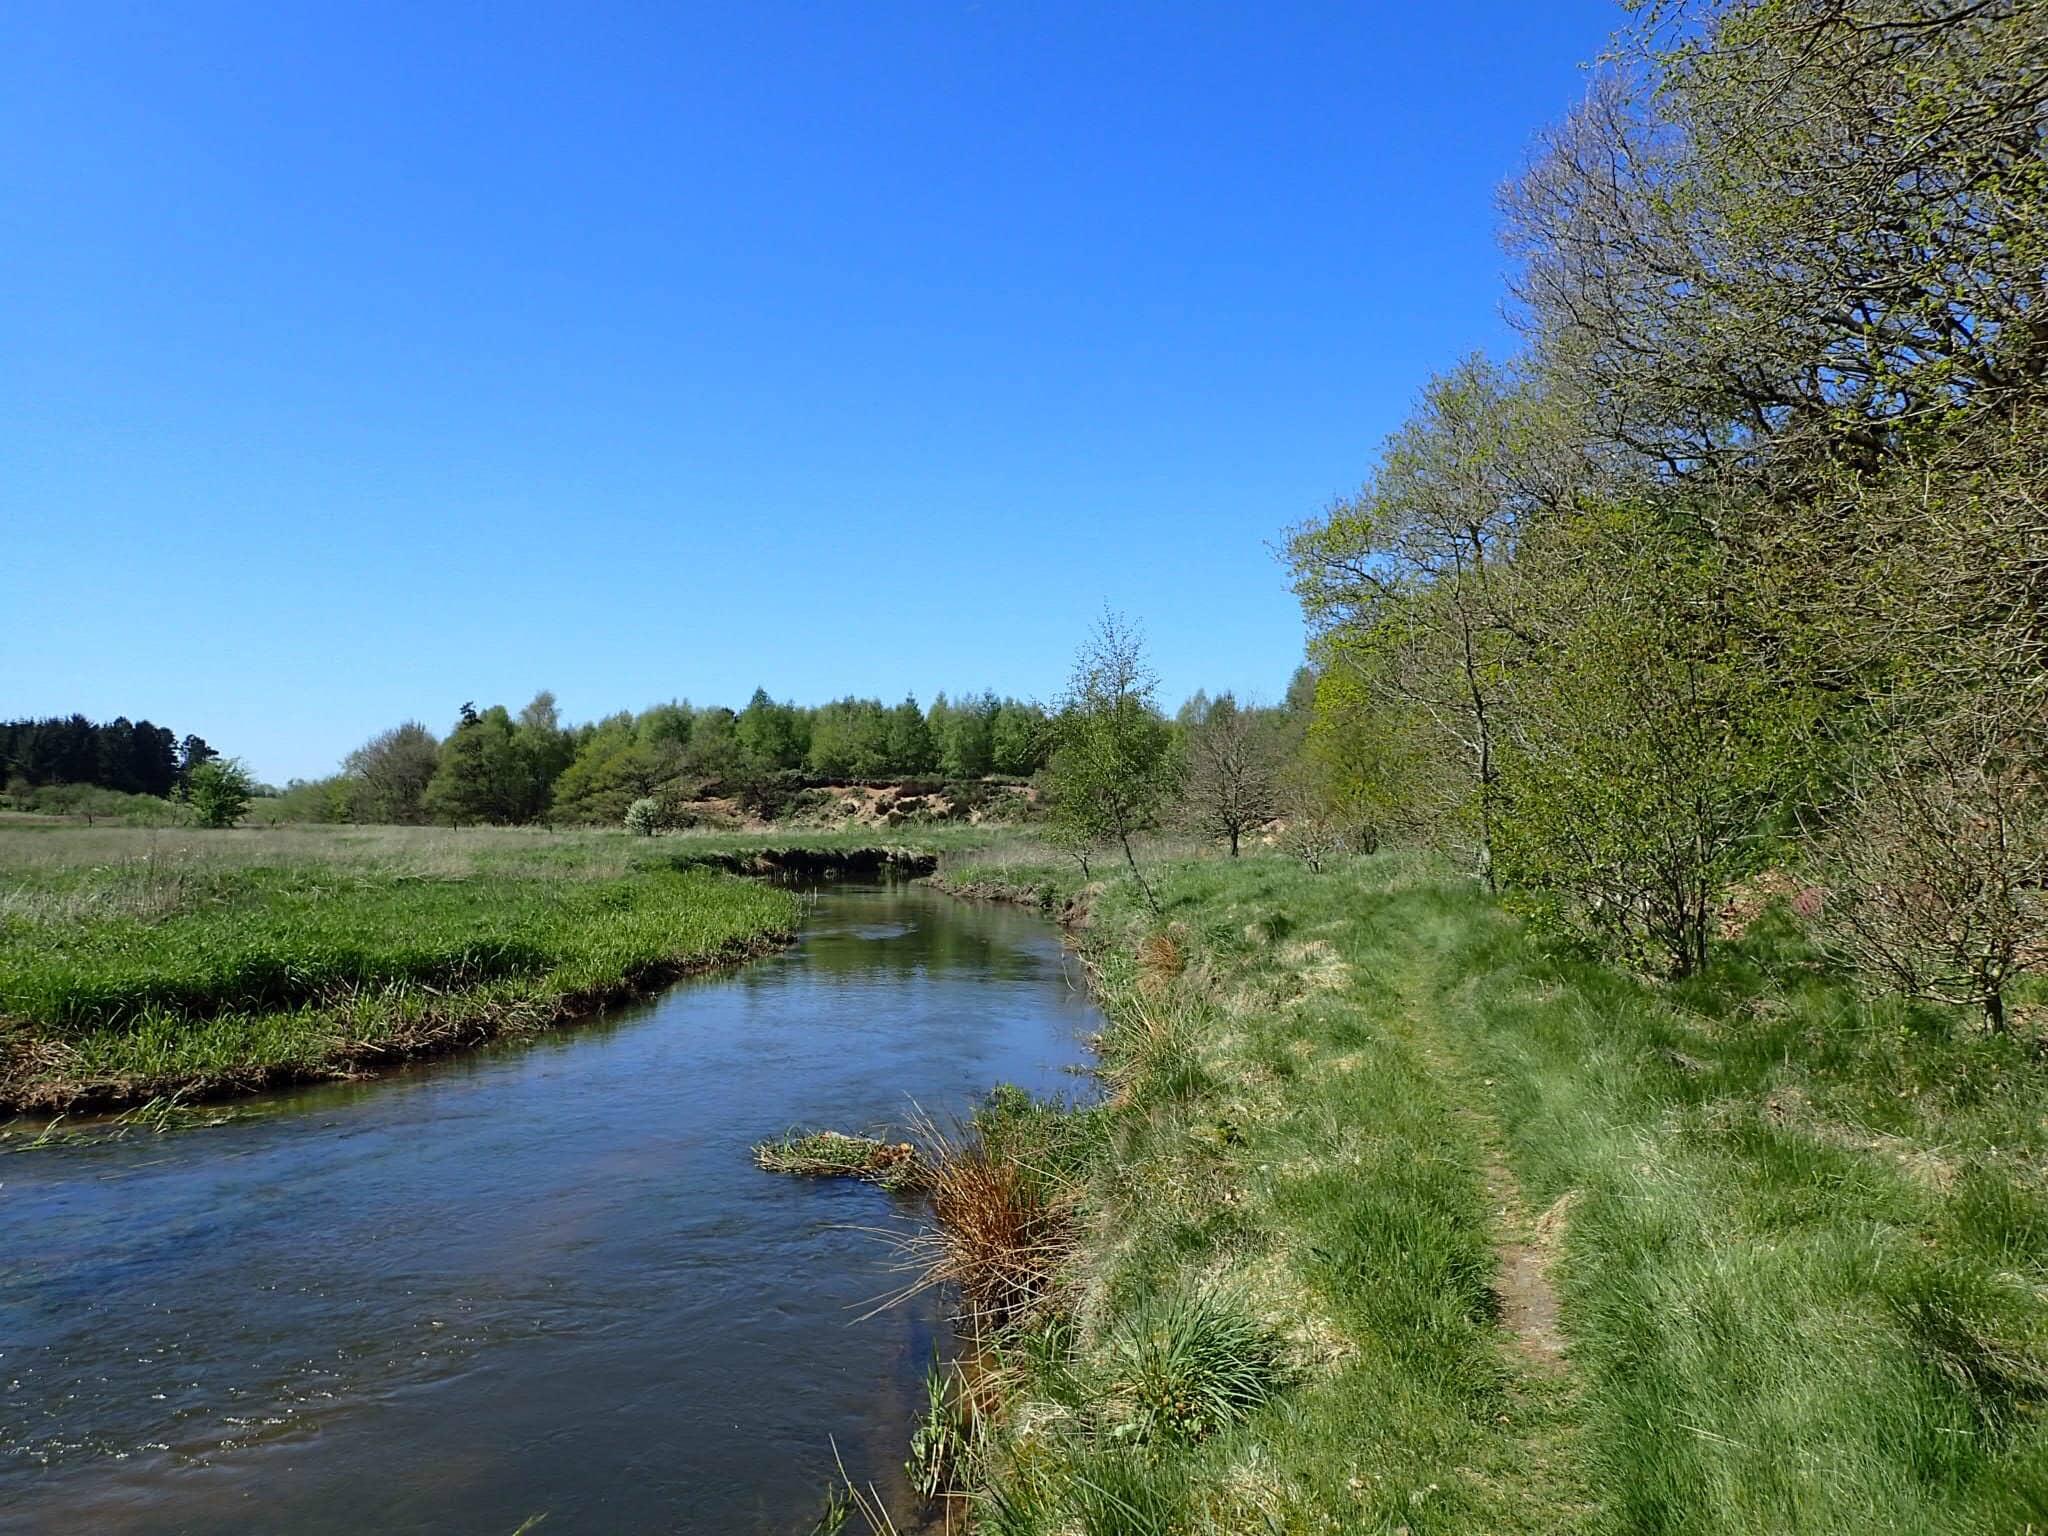 The E1 follows a river